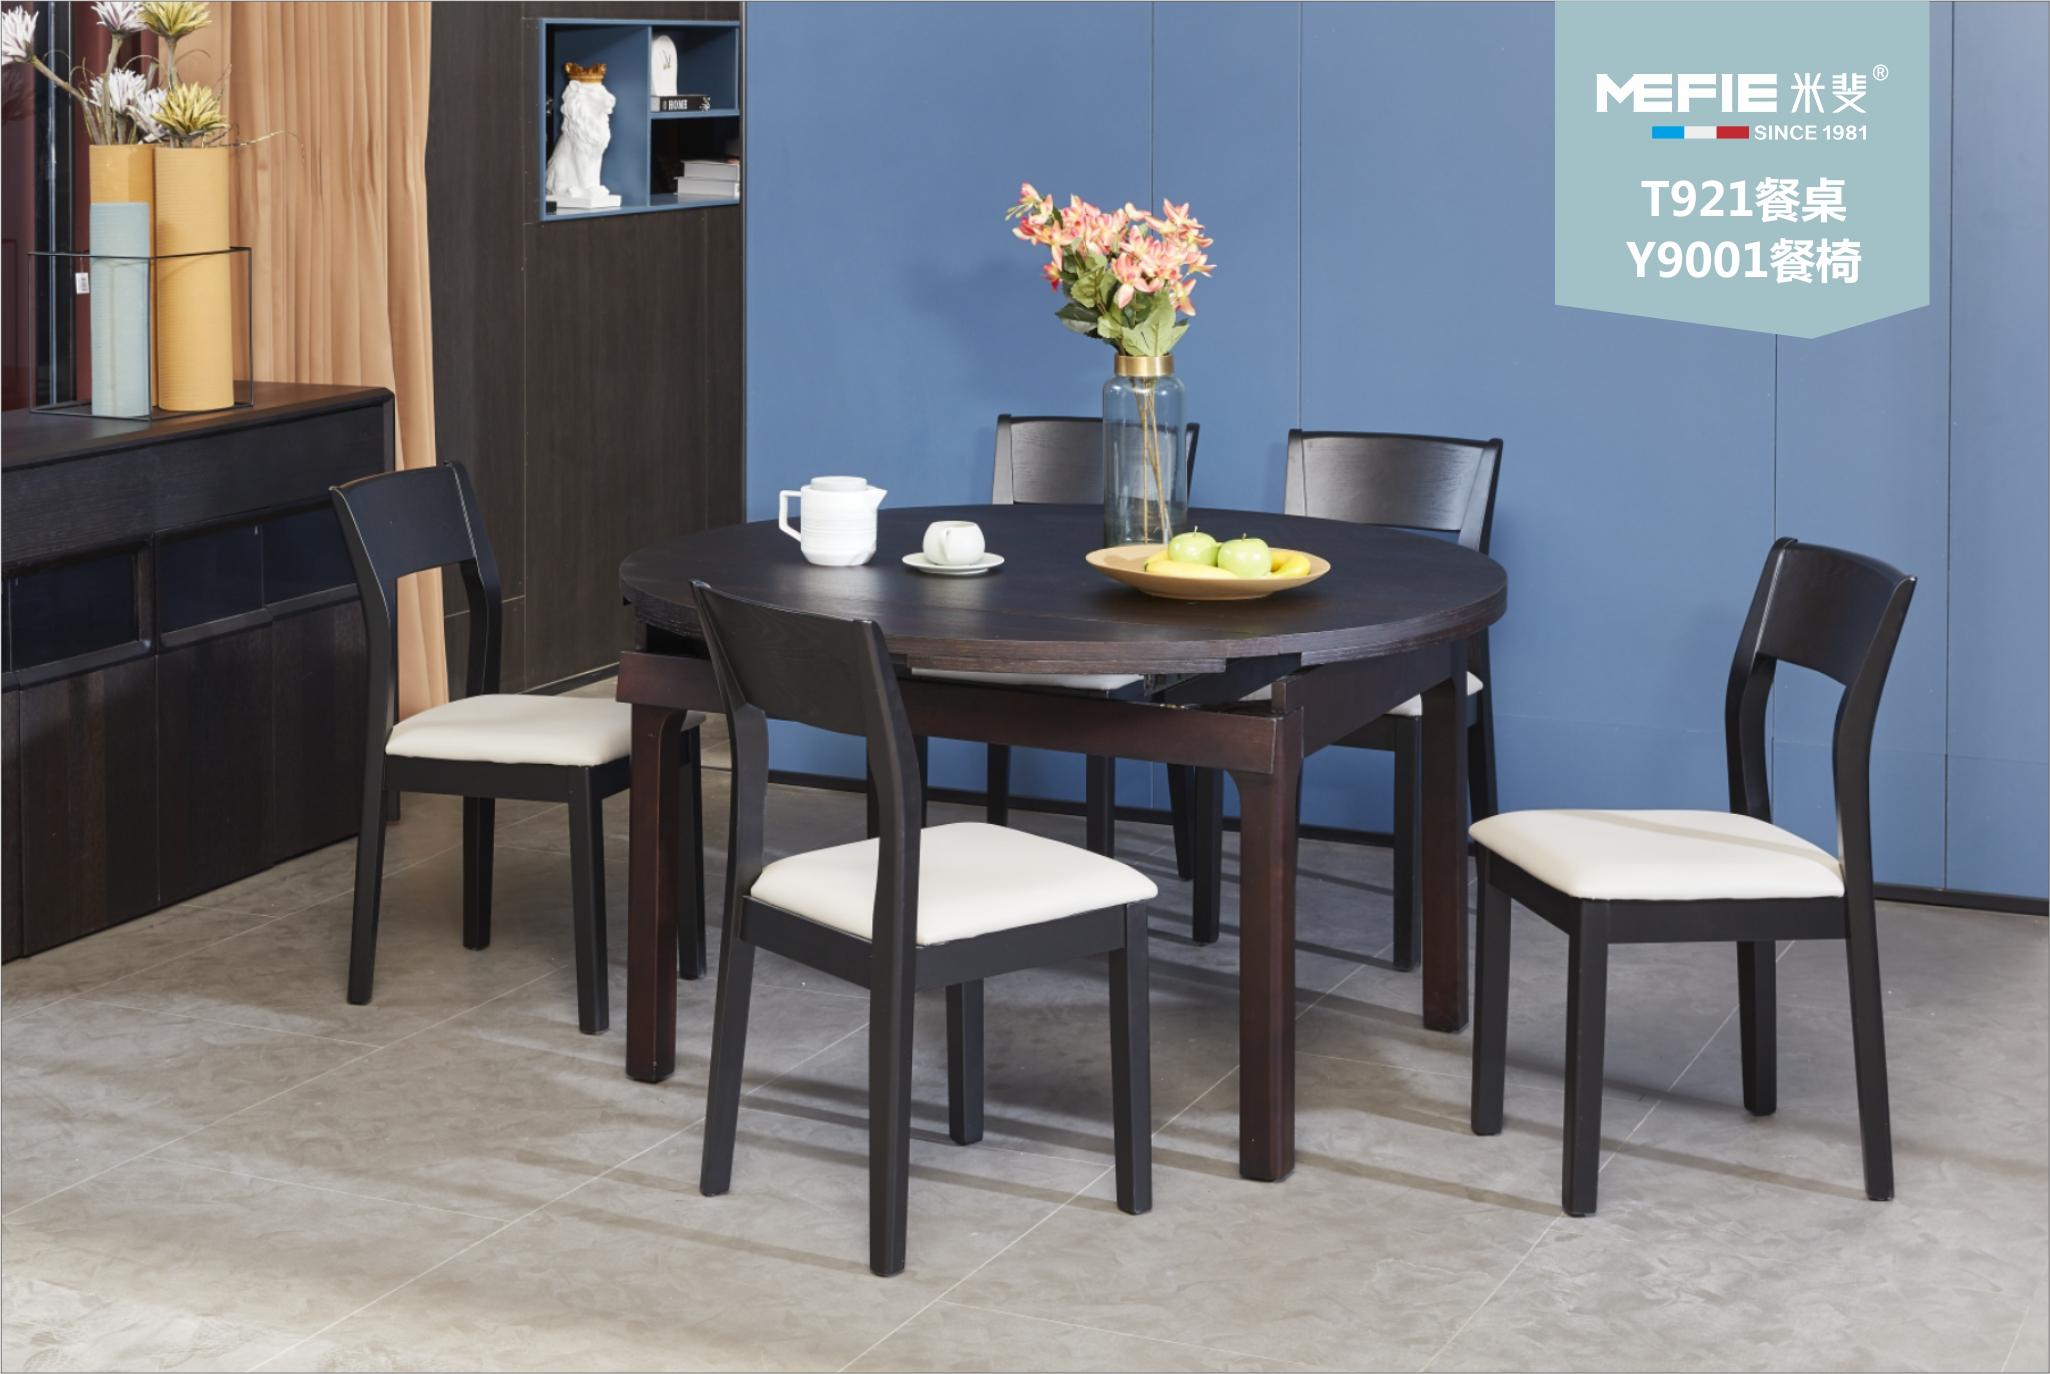 餐桌T921+餐椅Y9001